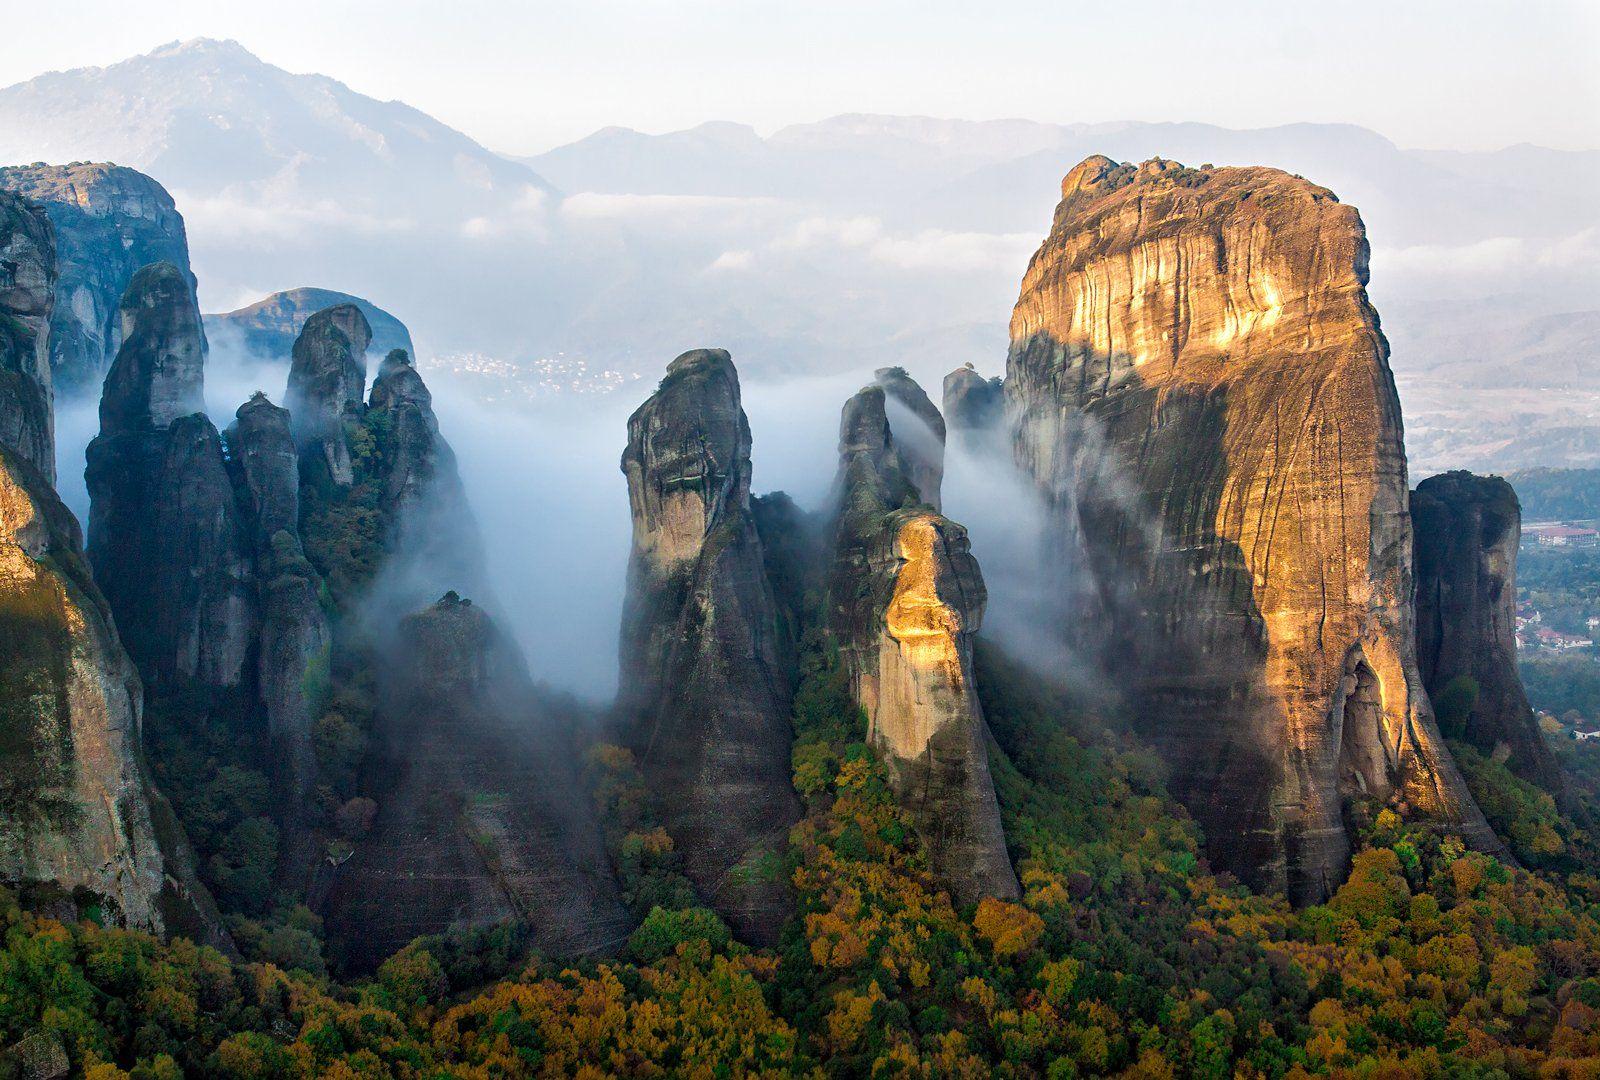 горы, туман, утро, метеоры, Tatyana Forever